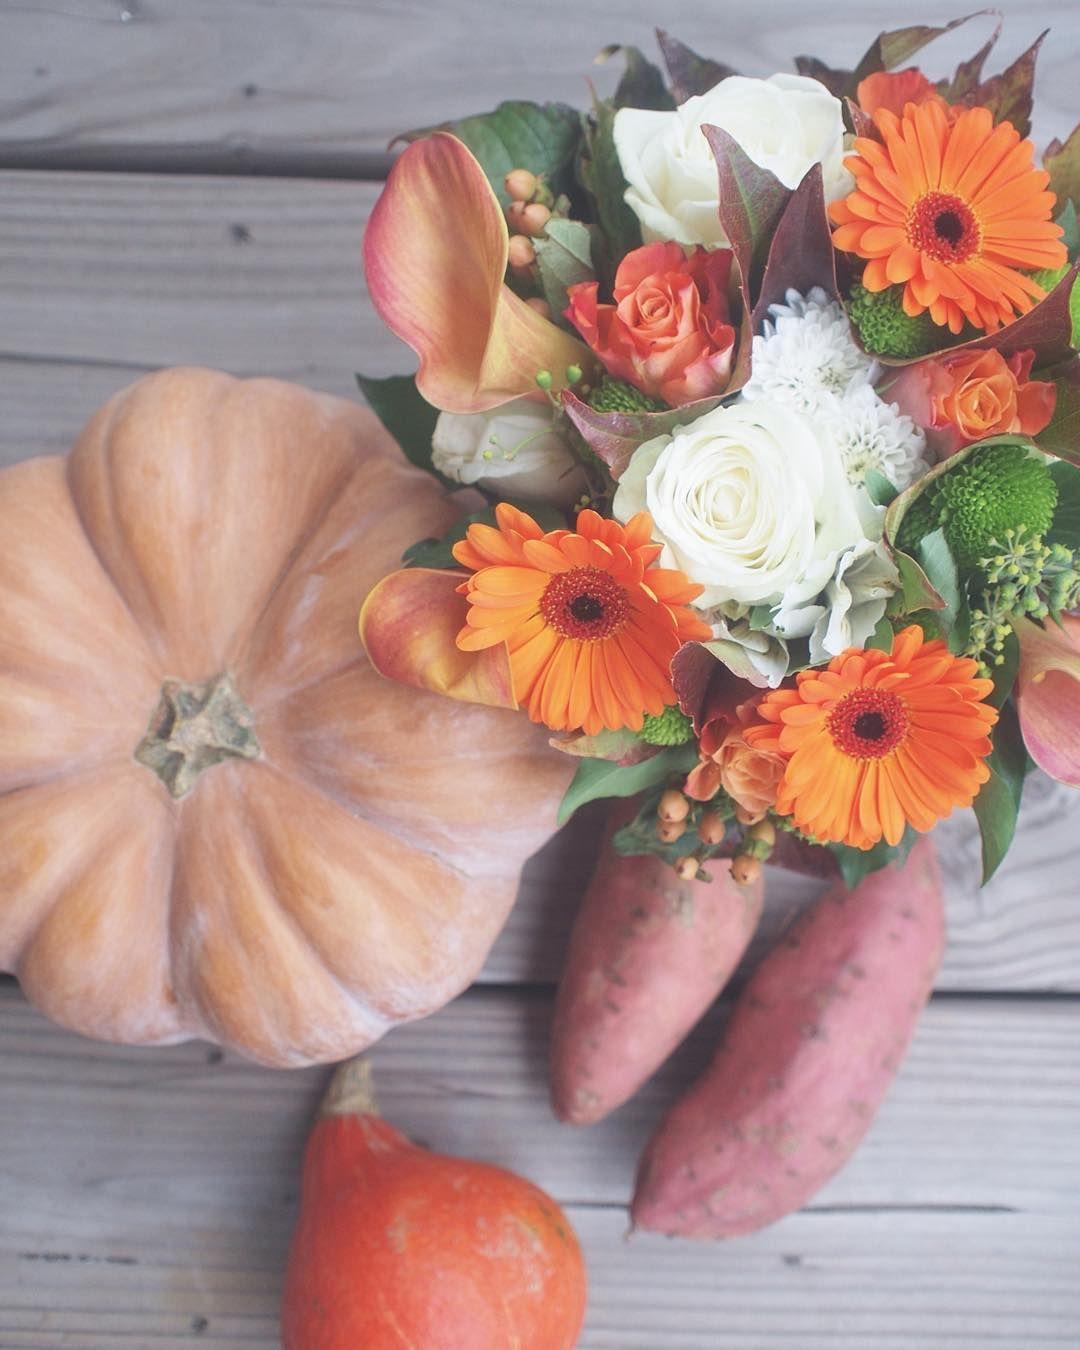 Courge, potimarron et patates douces, jolies couleurs de la semaine dernière ✨ Bonne soirée  #flowleaf2015